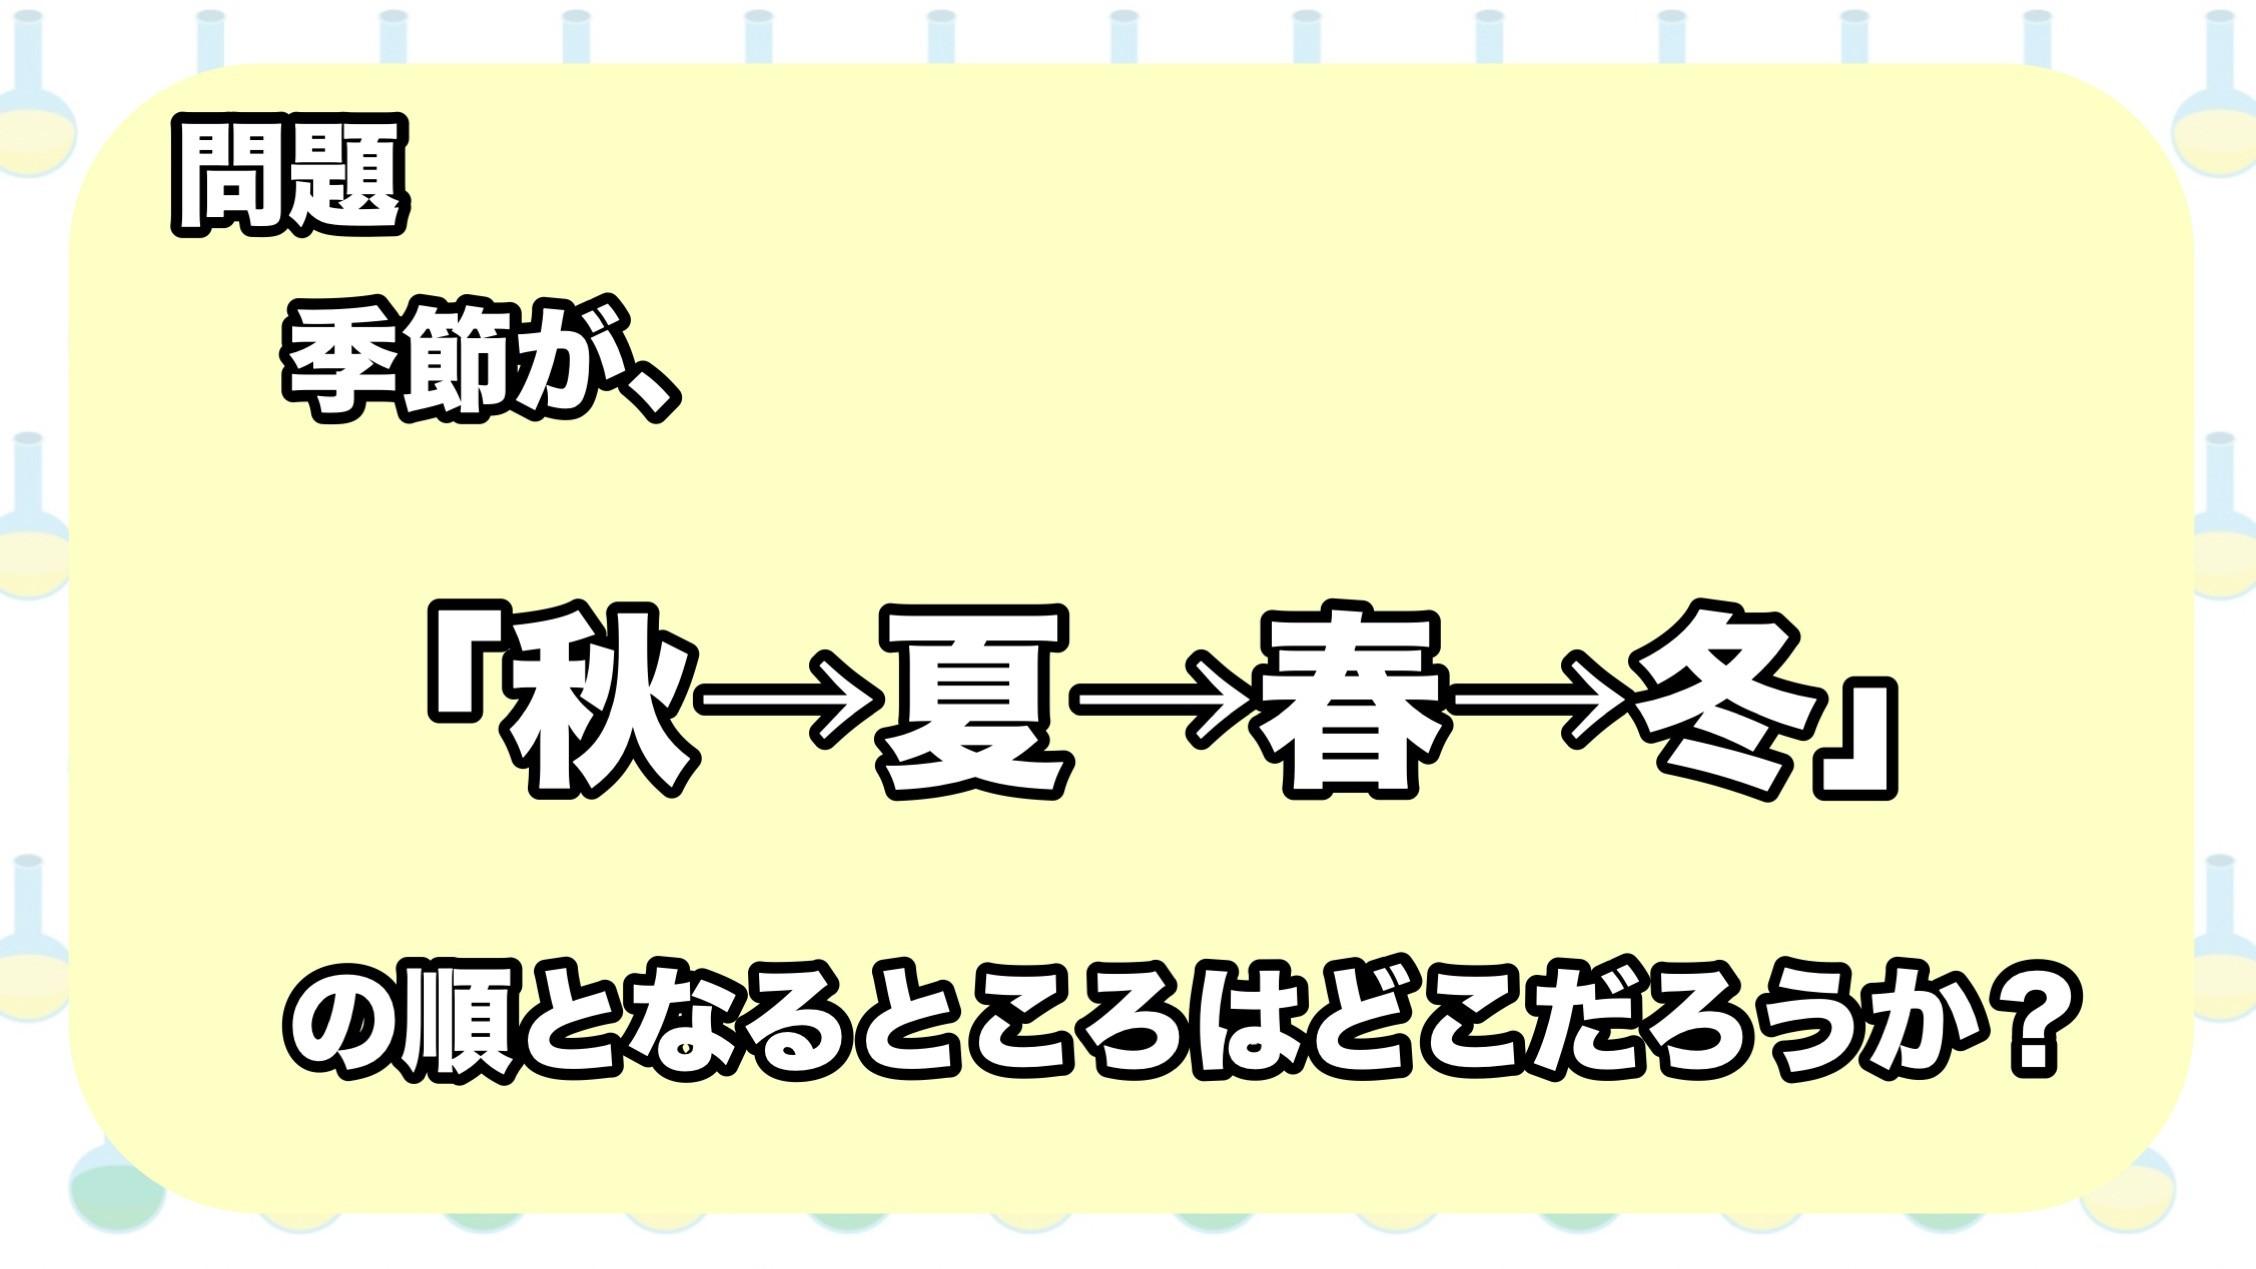 スライド10.JPEG